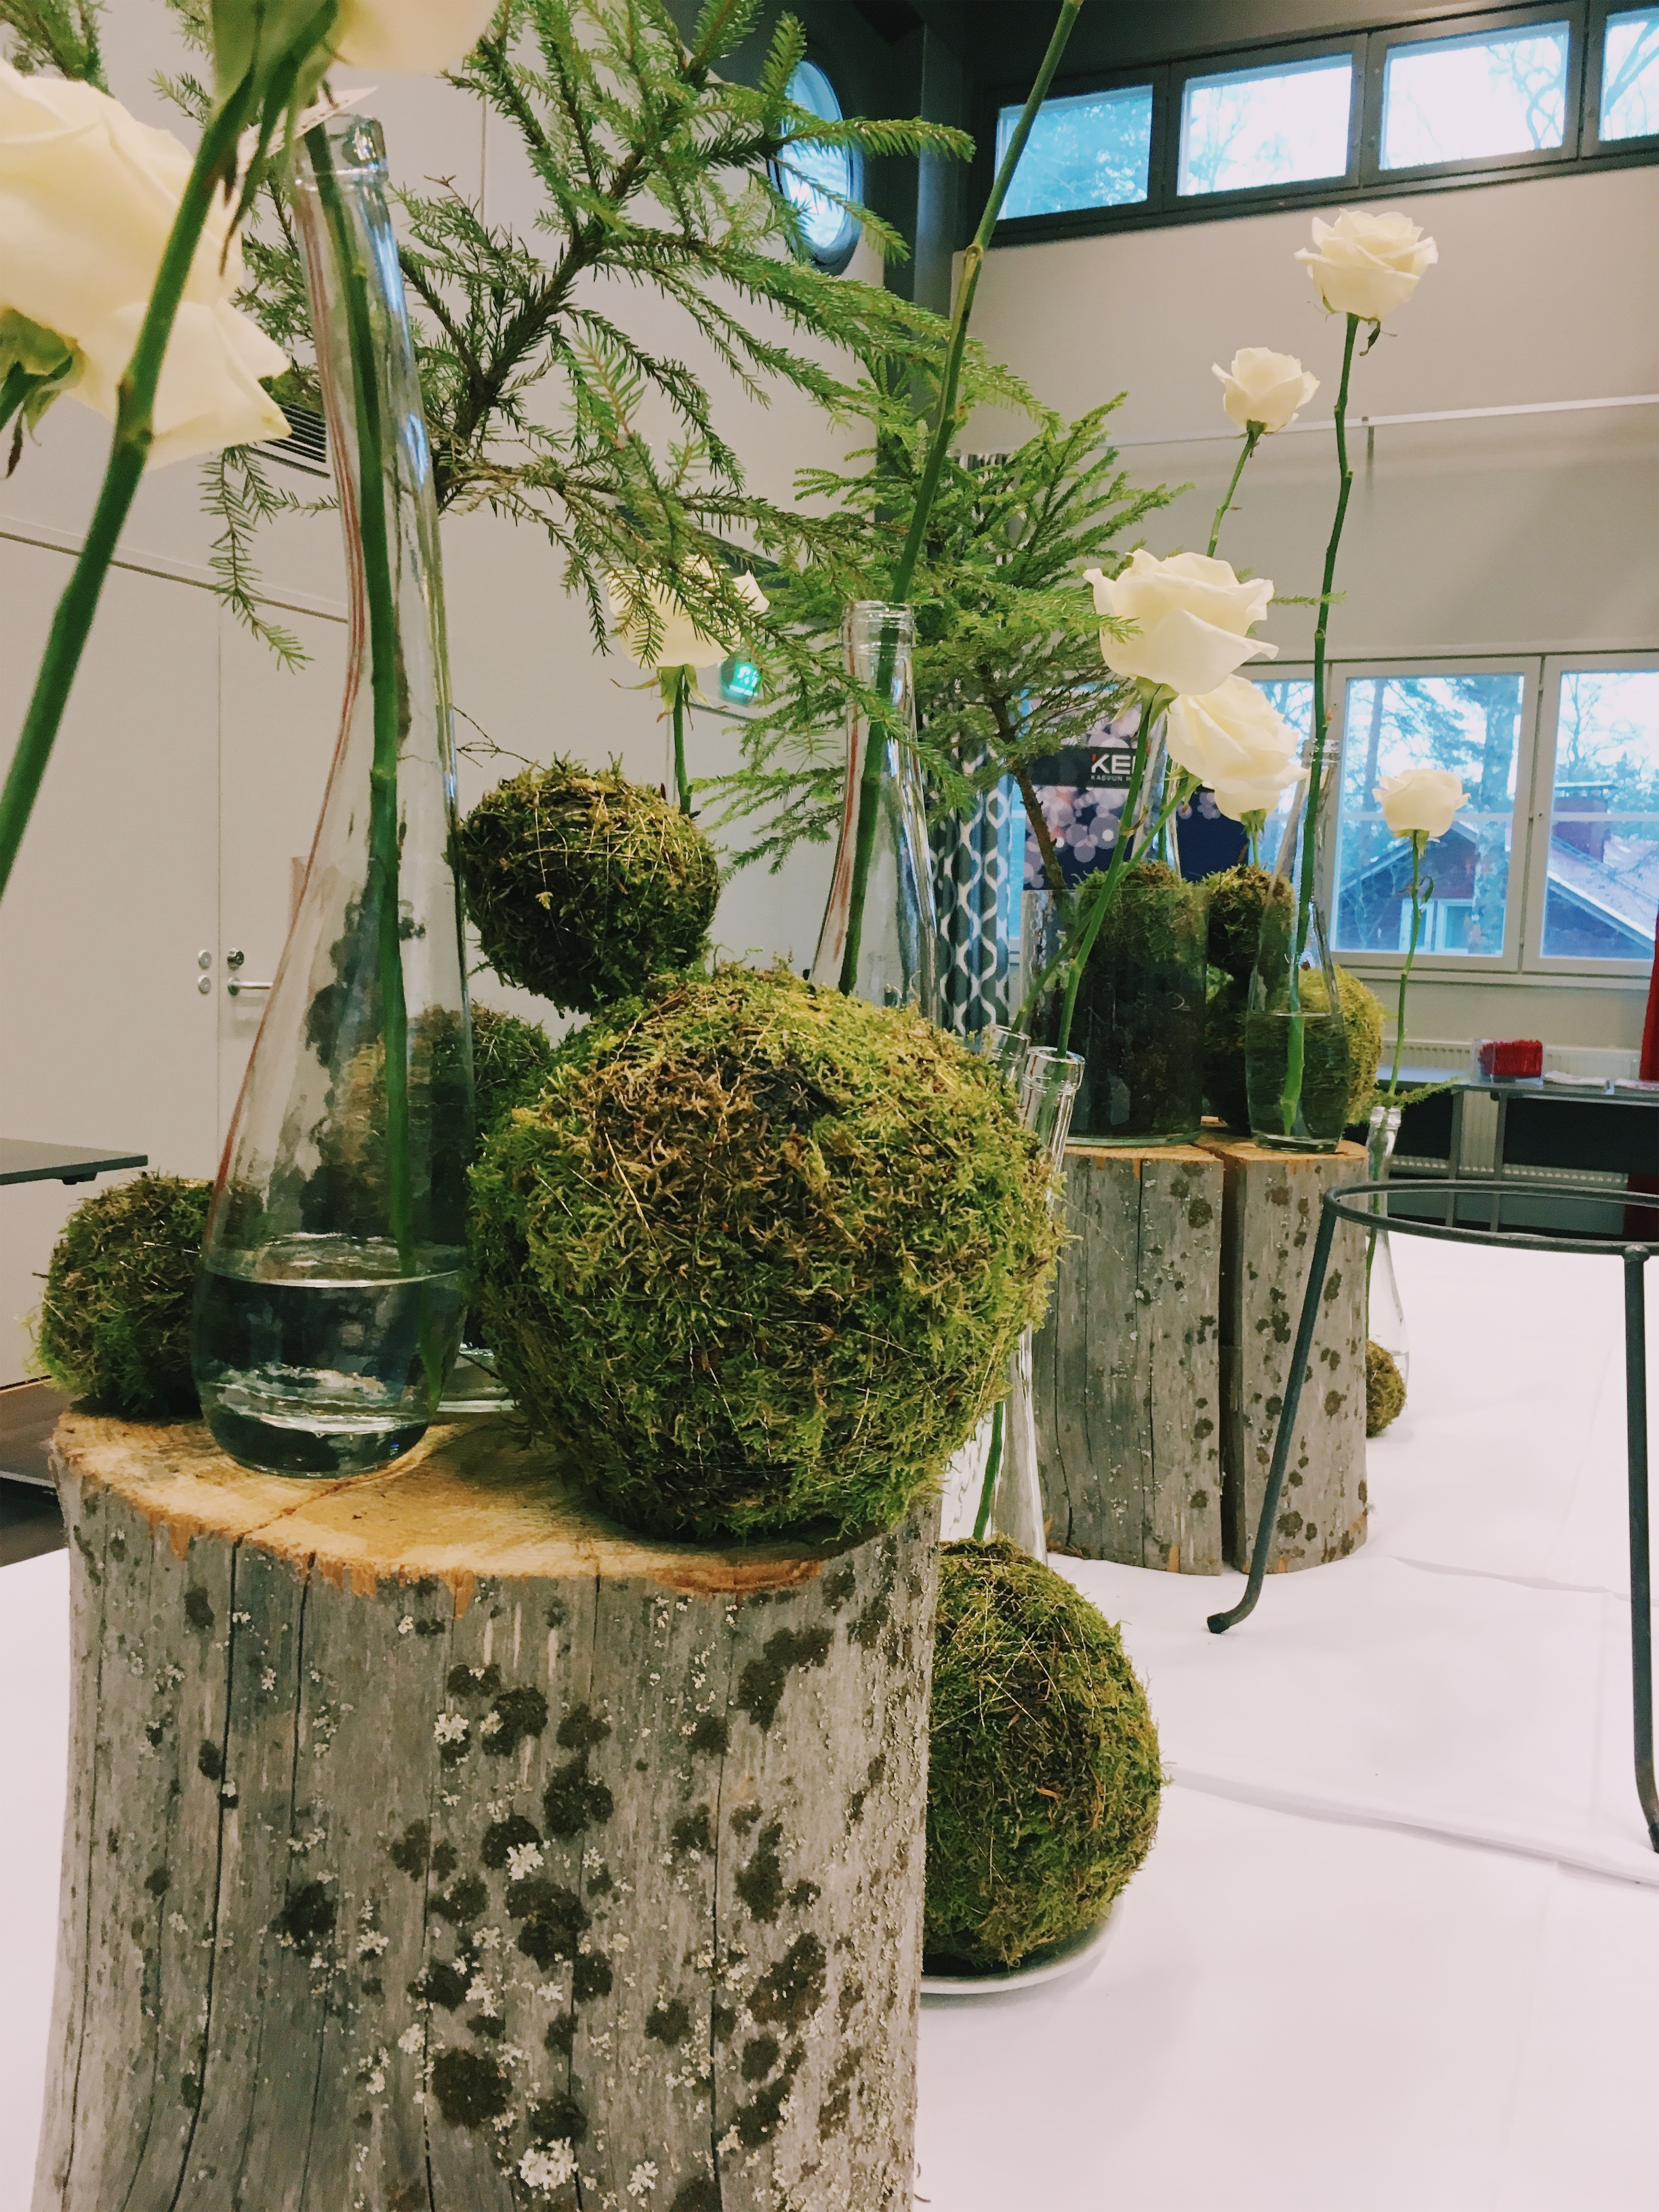 buffetpöydän koristelu on kaunis ja metsäinen, sammalapalloineen ja metsän kuusineen